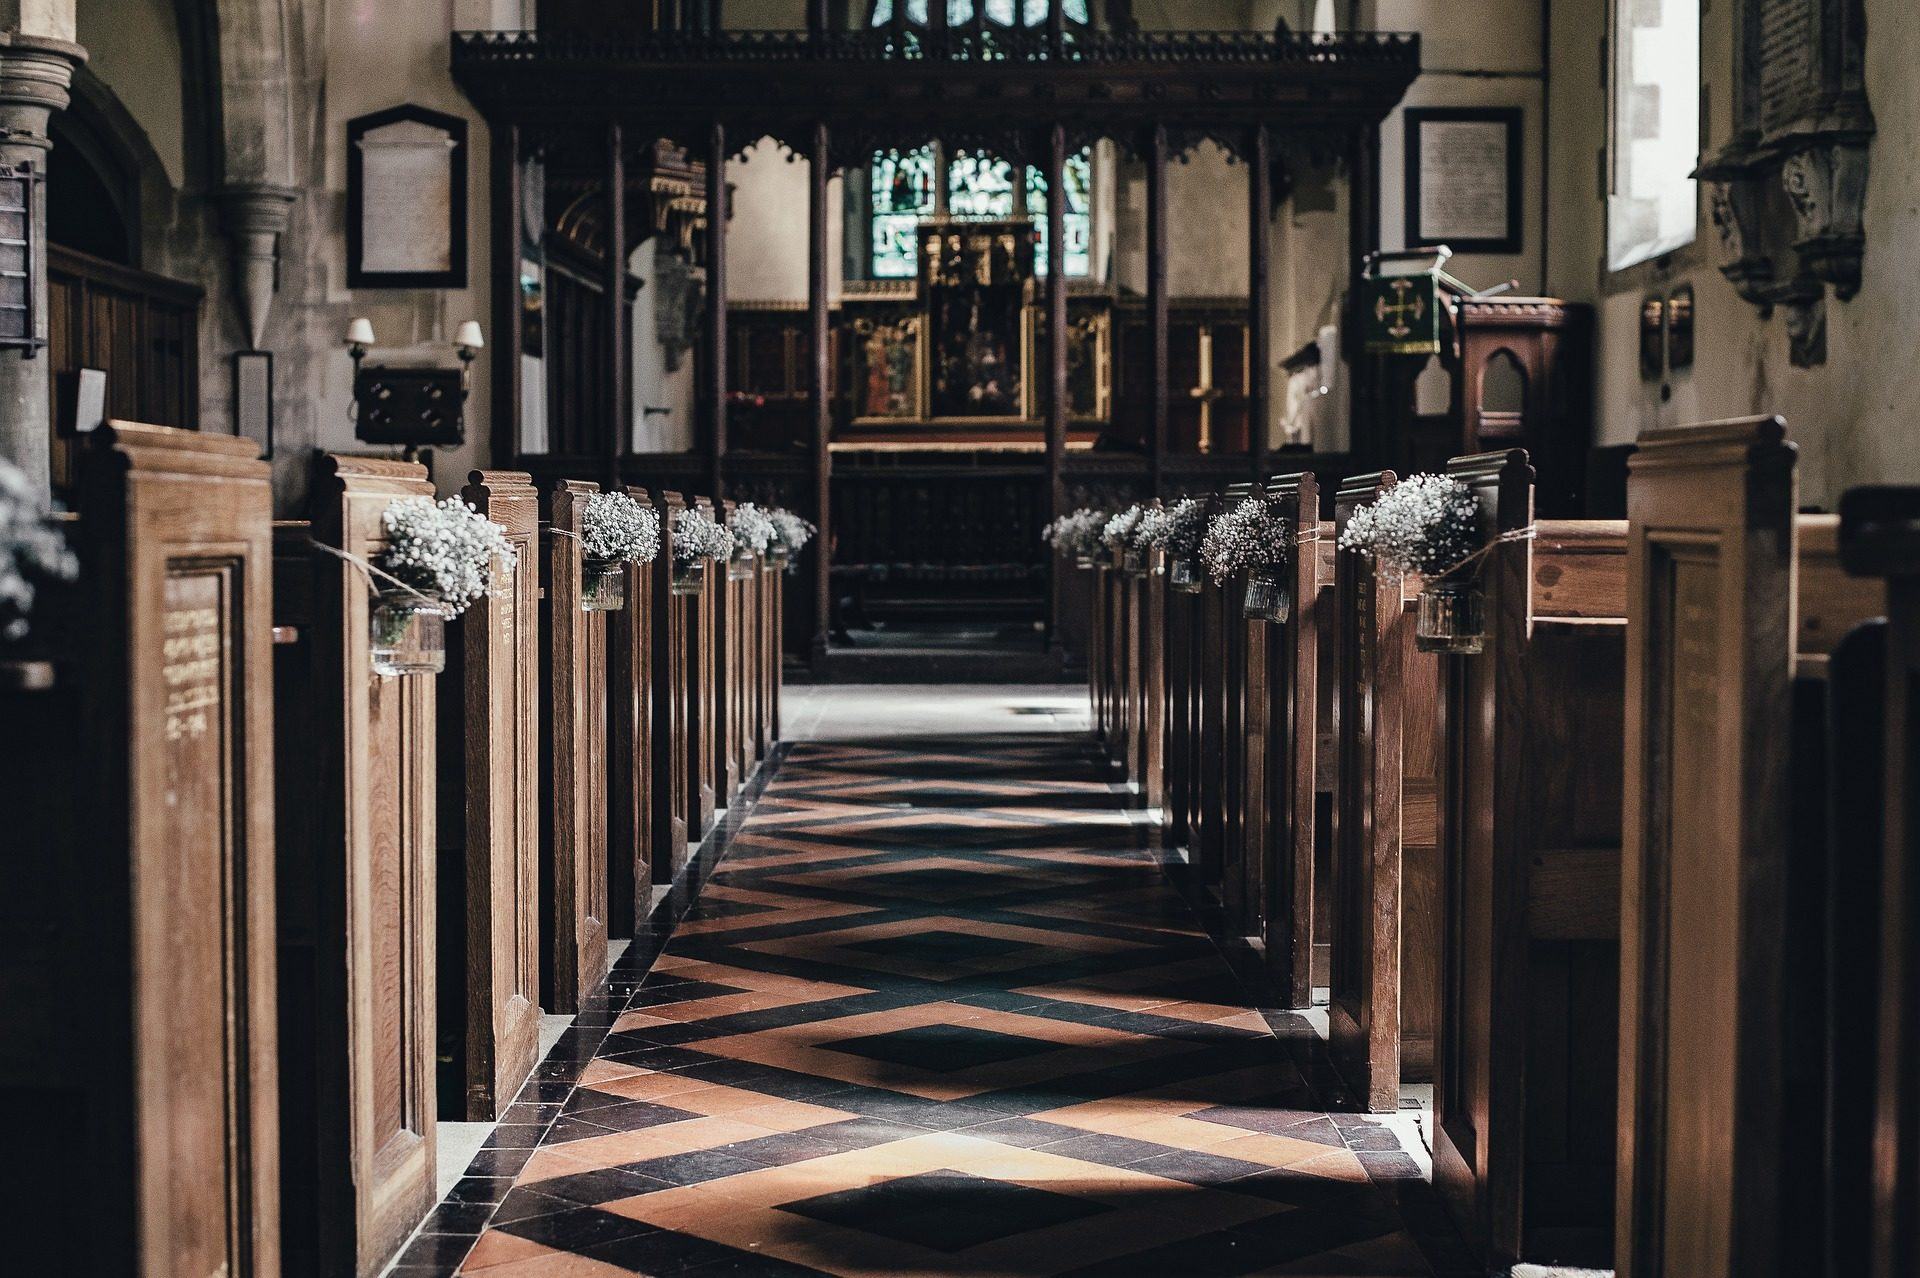 Церковь, банки, алтарь, Вуд, украшения - Обои HD - Профессор falken.com